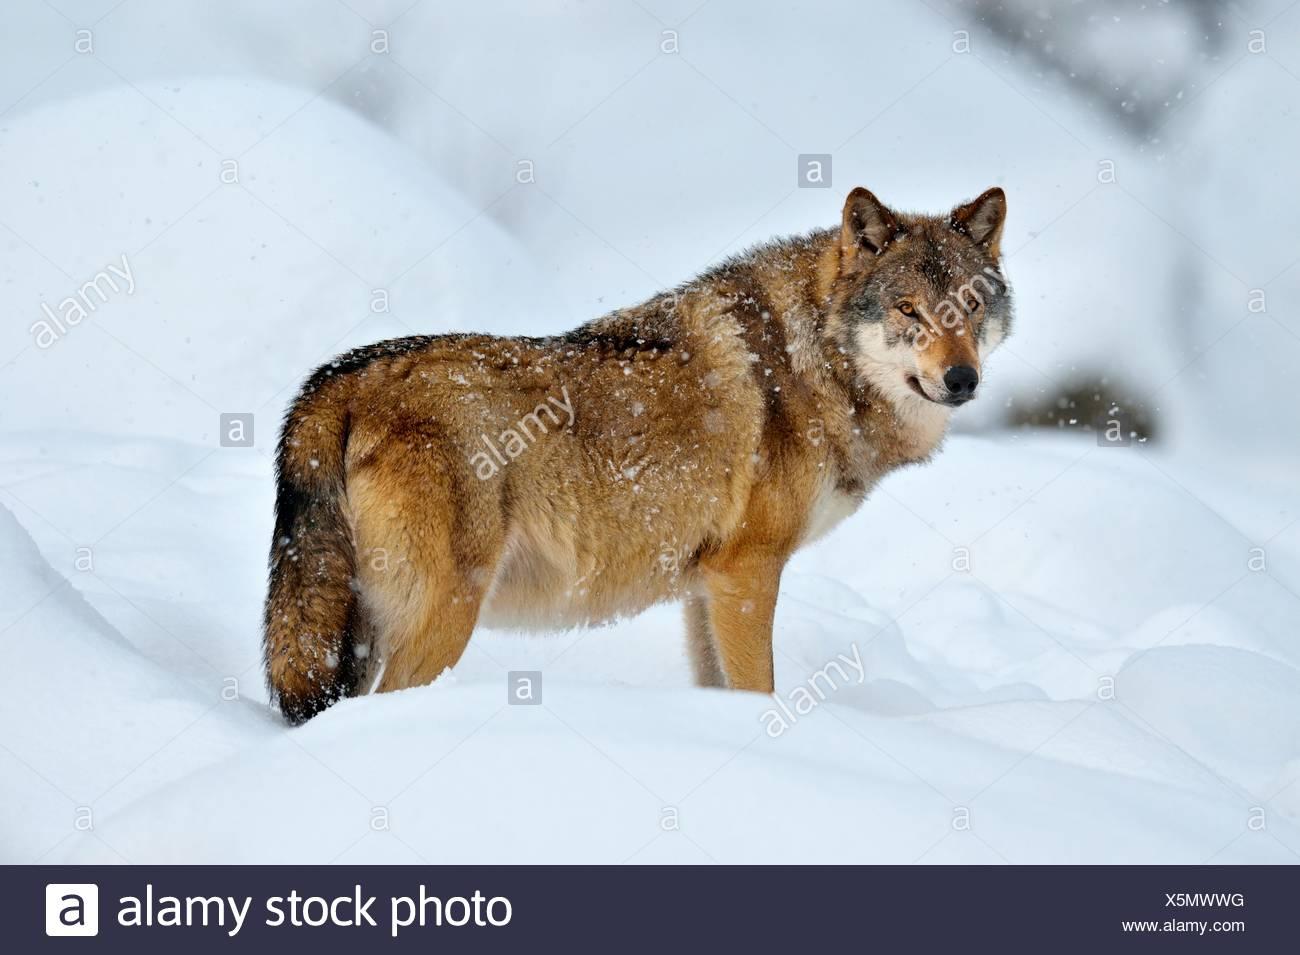 Lobo euroasiático, también lobo común o medio forestal ruso el lobo (Canis lupus lupus) de pie en la nieve, el cantón de Schwyz Imagen De Stock